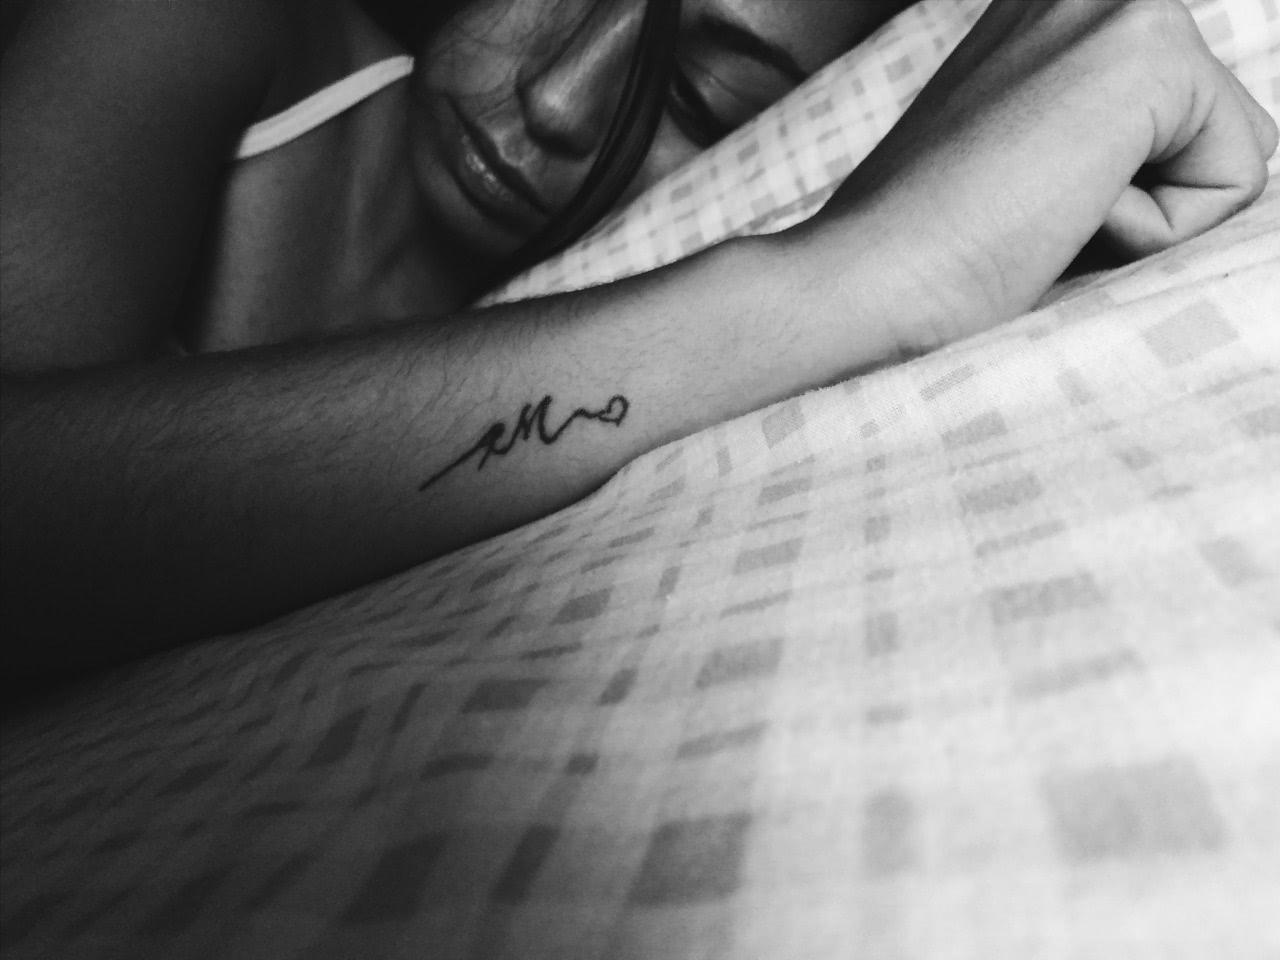 Tattoo Initialen auf dem Unterarm